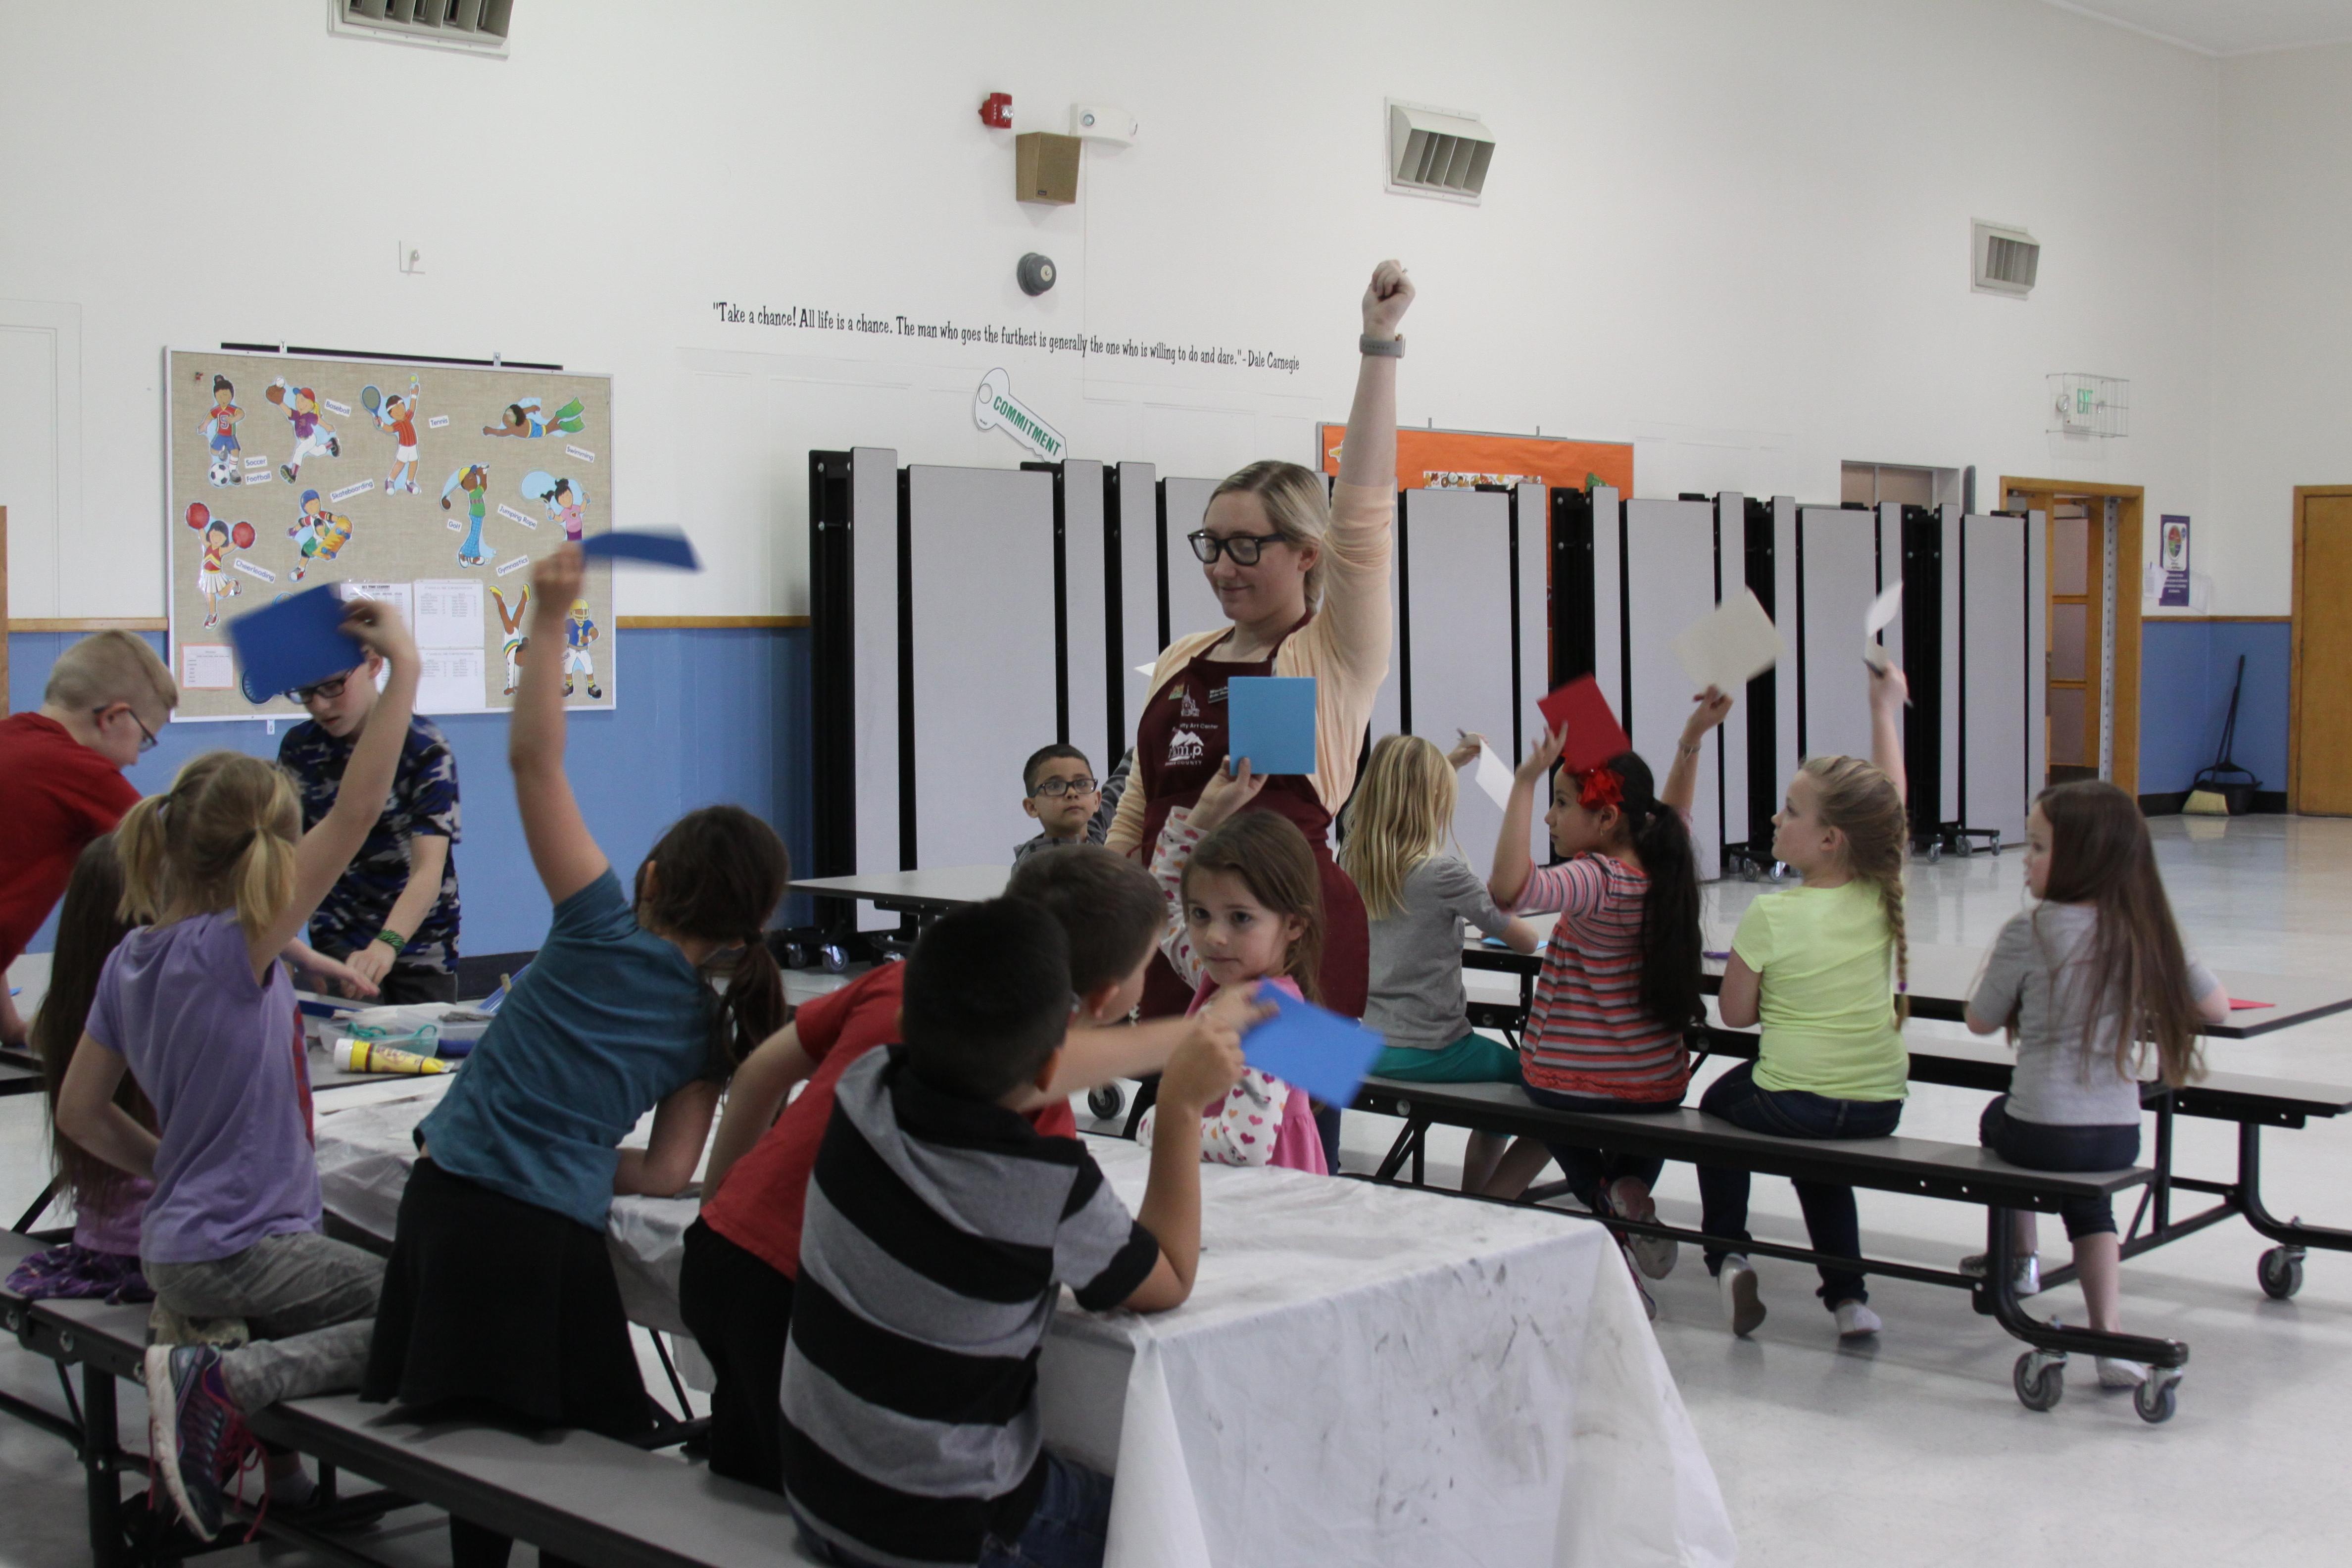 Spotlight on Art - Education